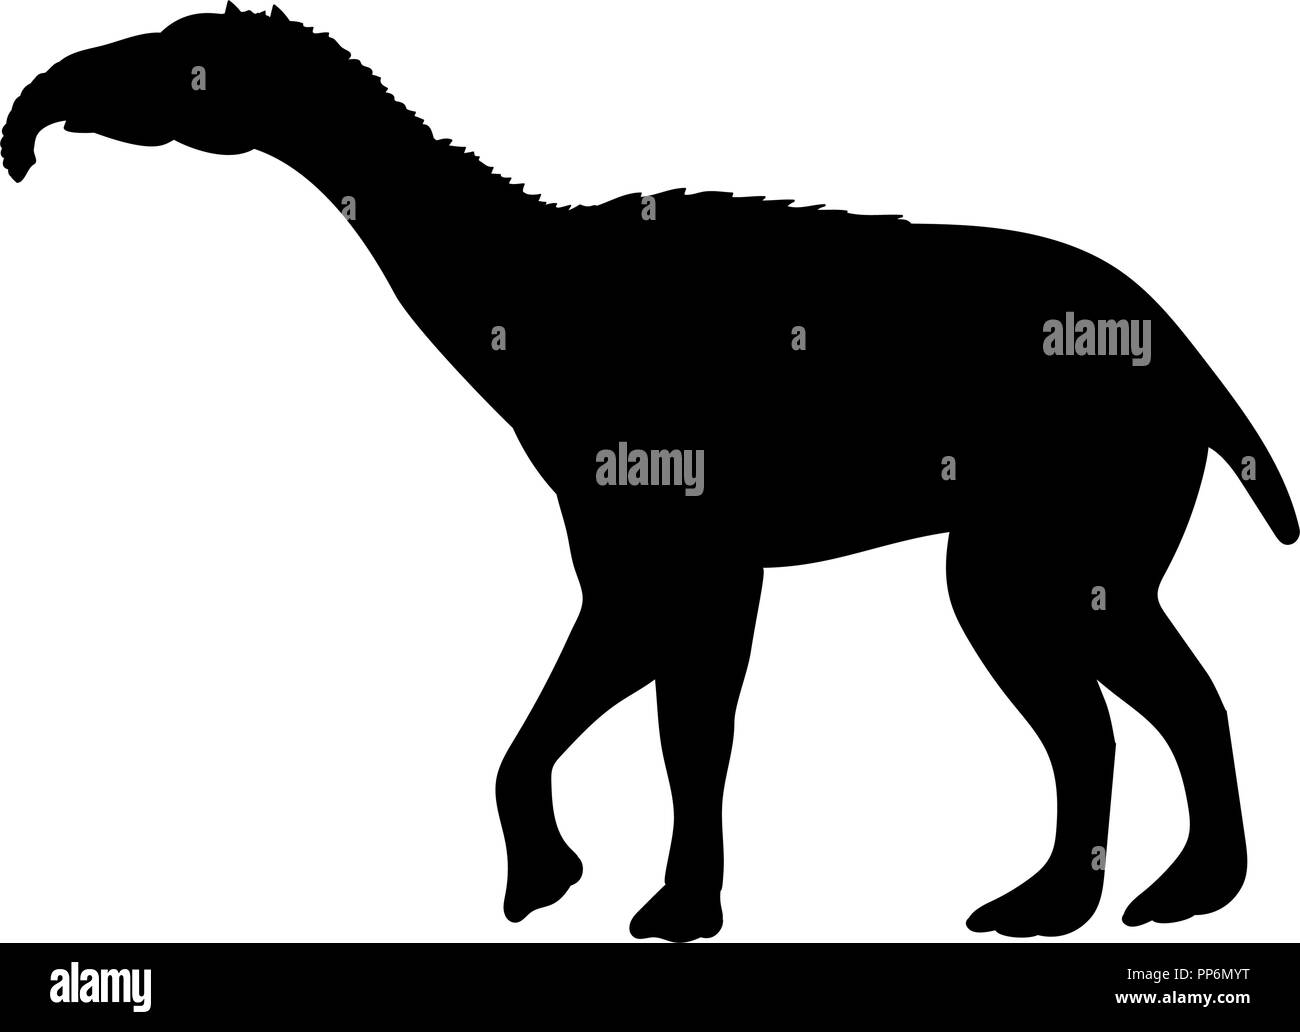 Litopterna silhouette extinct mammalian animal - Stock Image